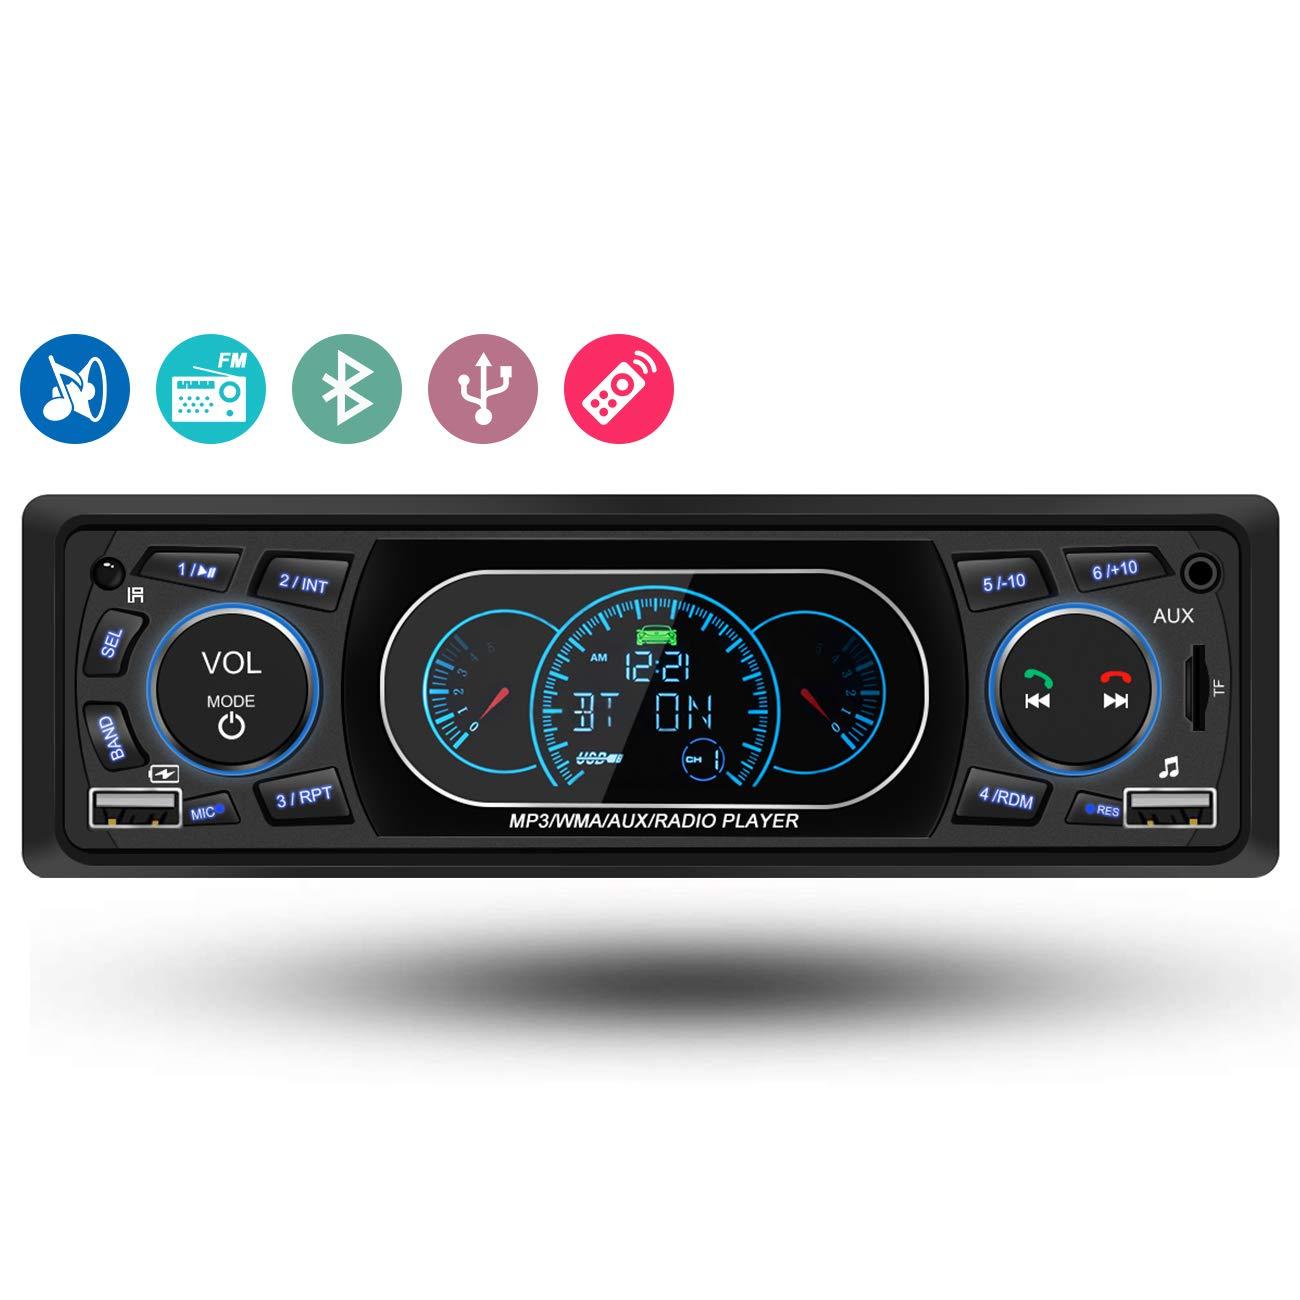 Lodstun Bluetooth Autoradio Singel Din unterstü tzt Freisprecheinrichtung FM USB SD AUX